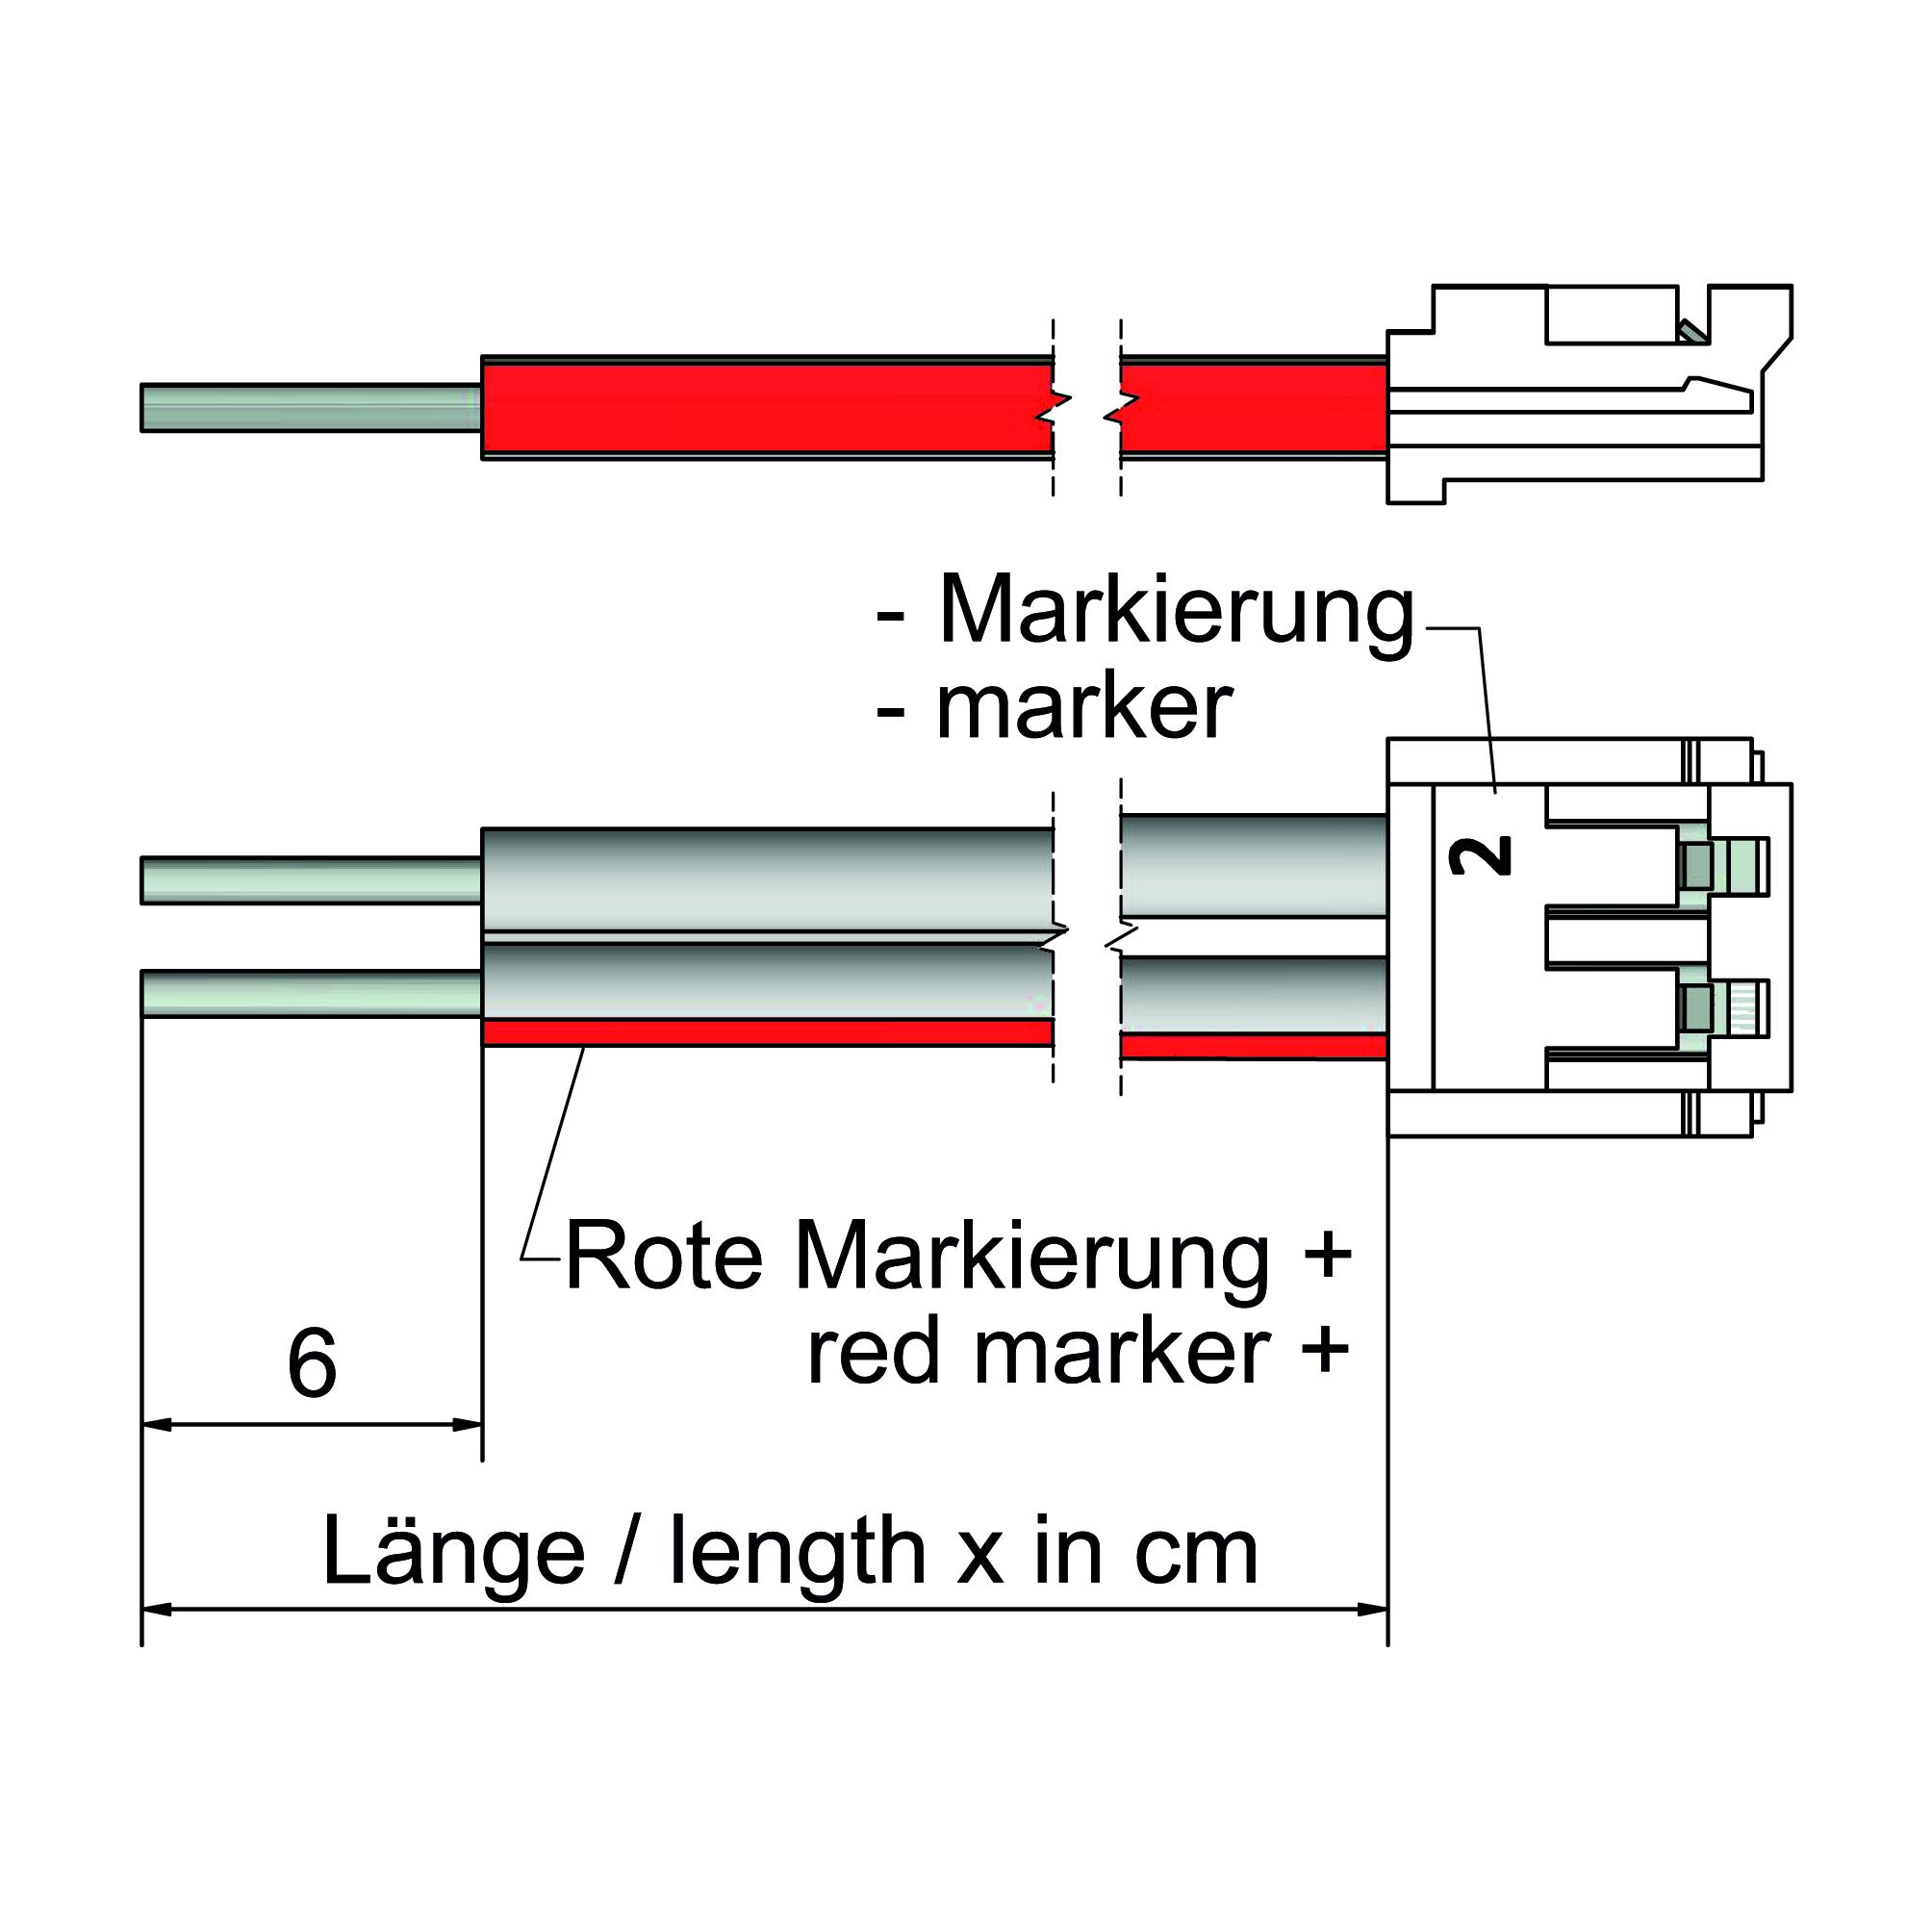 System-Anschlussleitung - plan